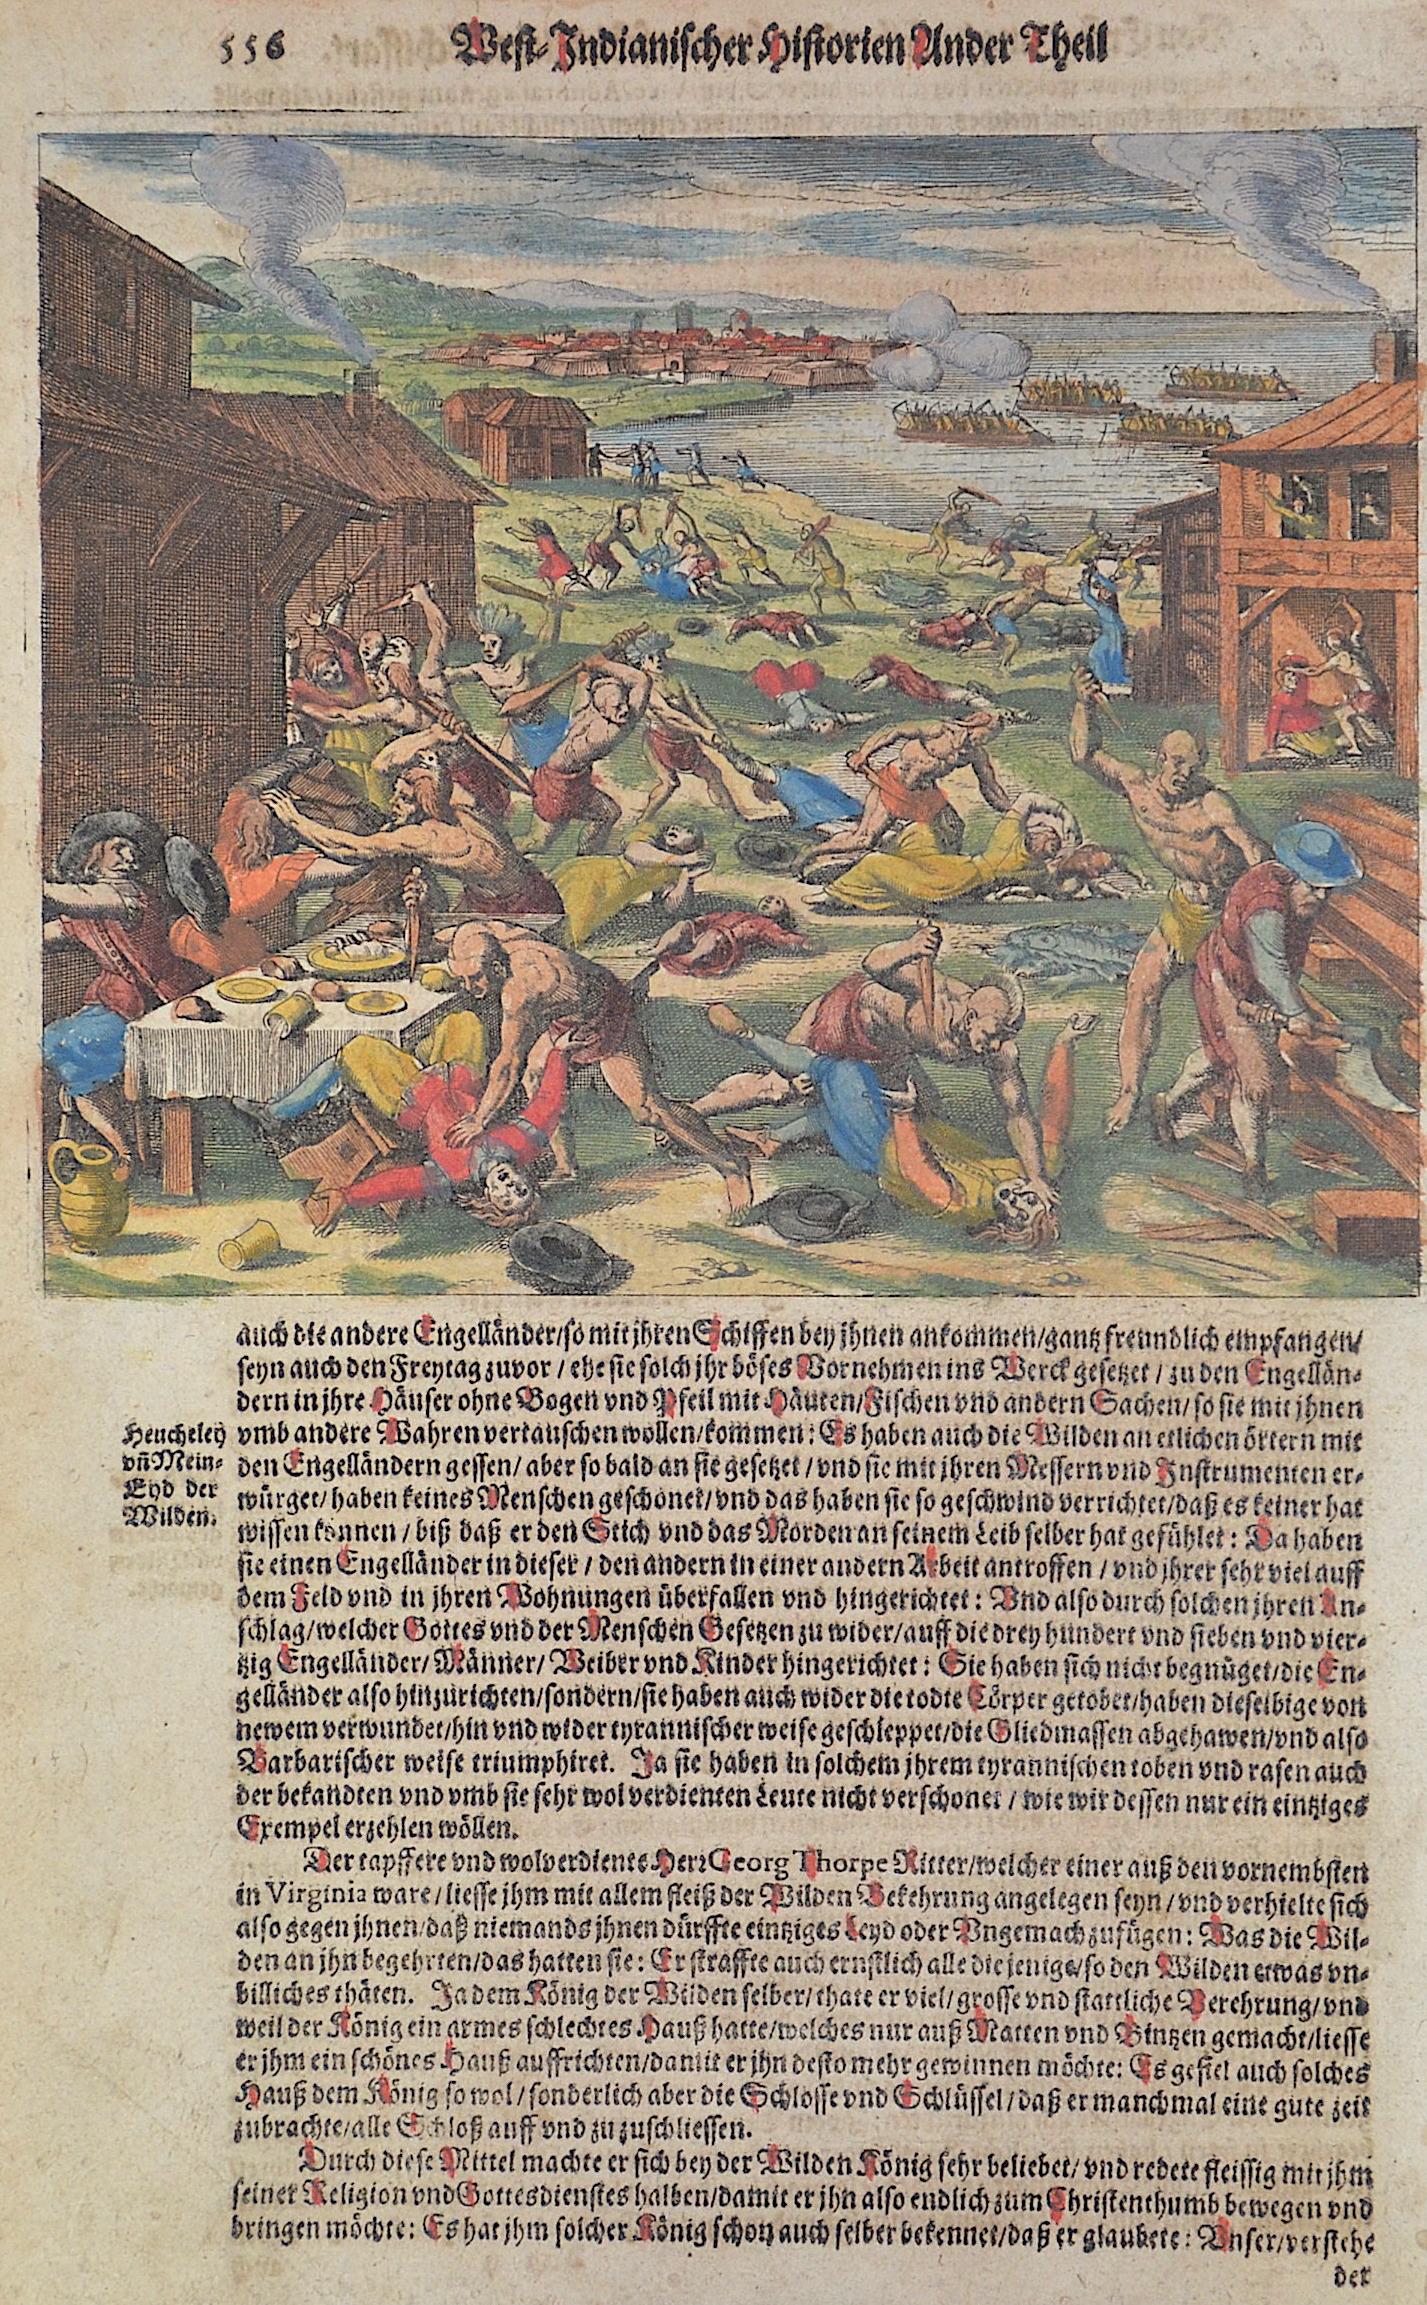 Bry, de  West-Indianischer Historien Ander Theil 556 / Von der grossen Niderlag so die Engelländer Anno 1622 den 22. Martij in Virginia erlidten haben.